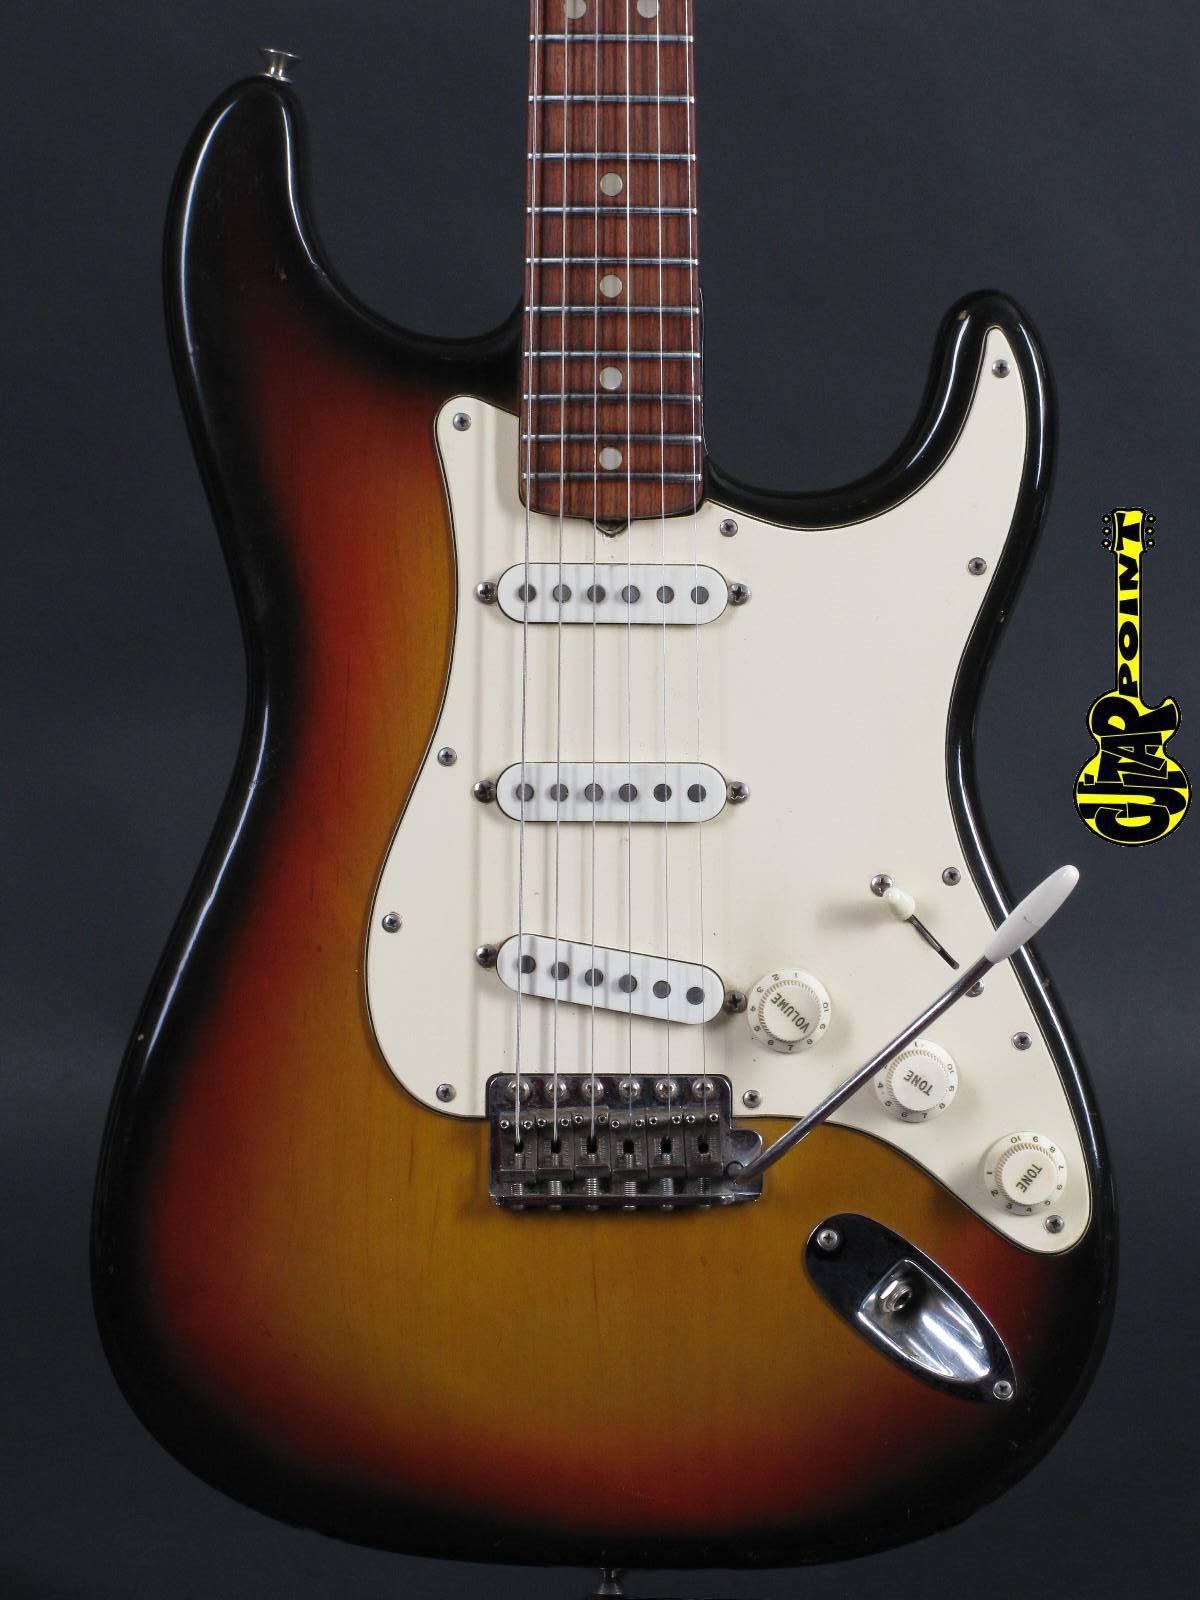 1971 Fender Stratocaster 3-Tone Sunburst